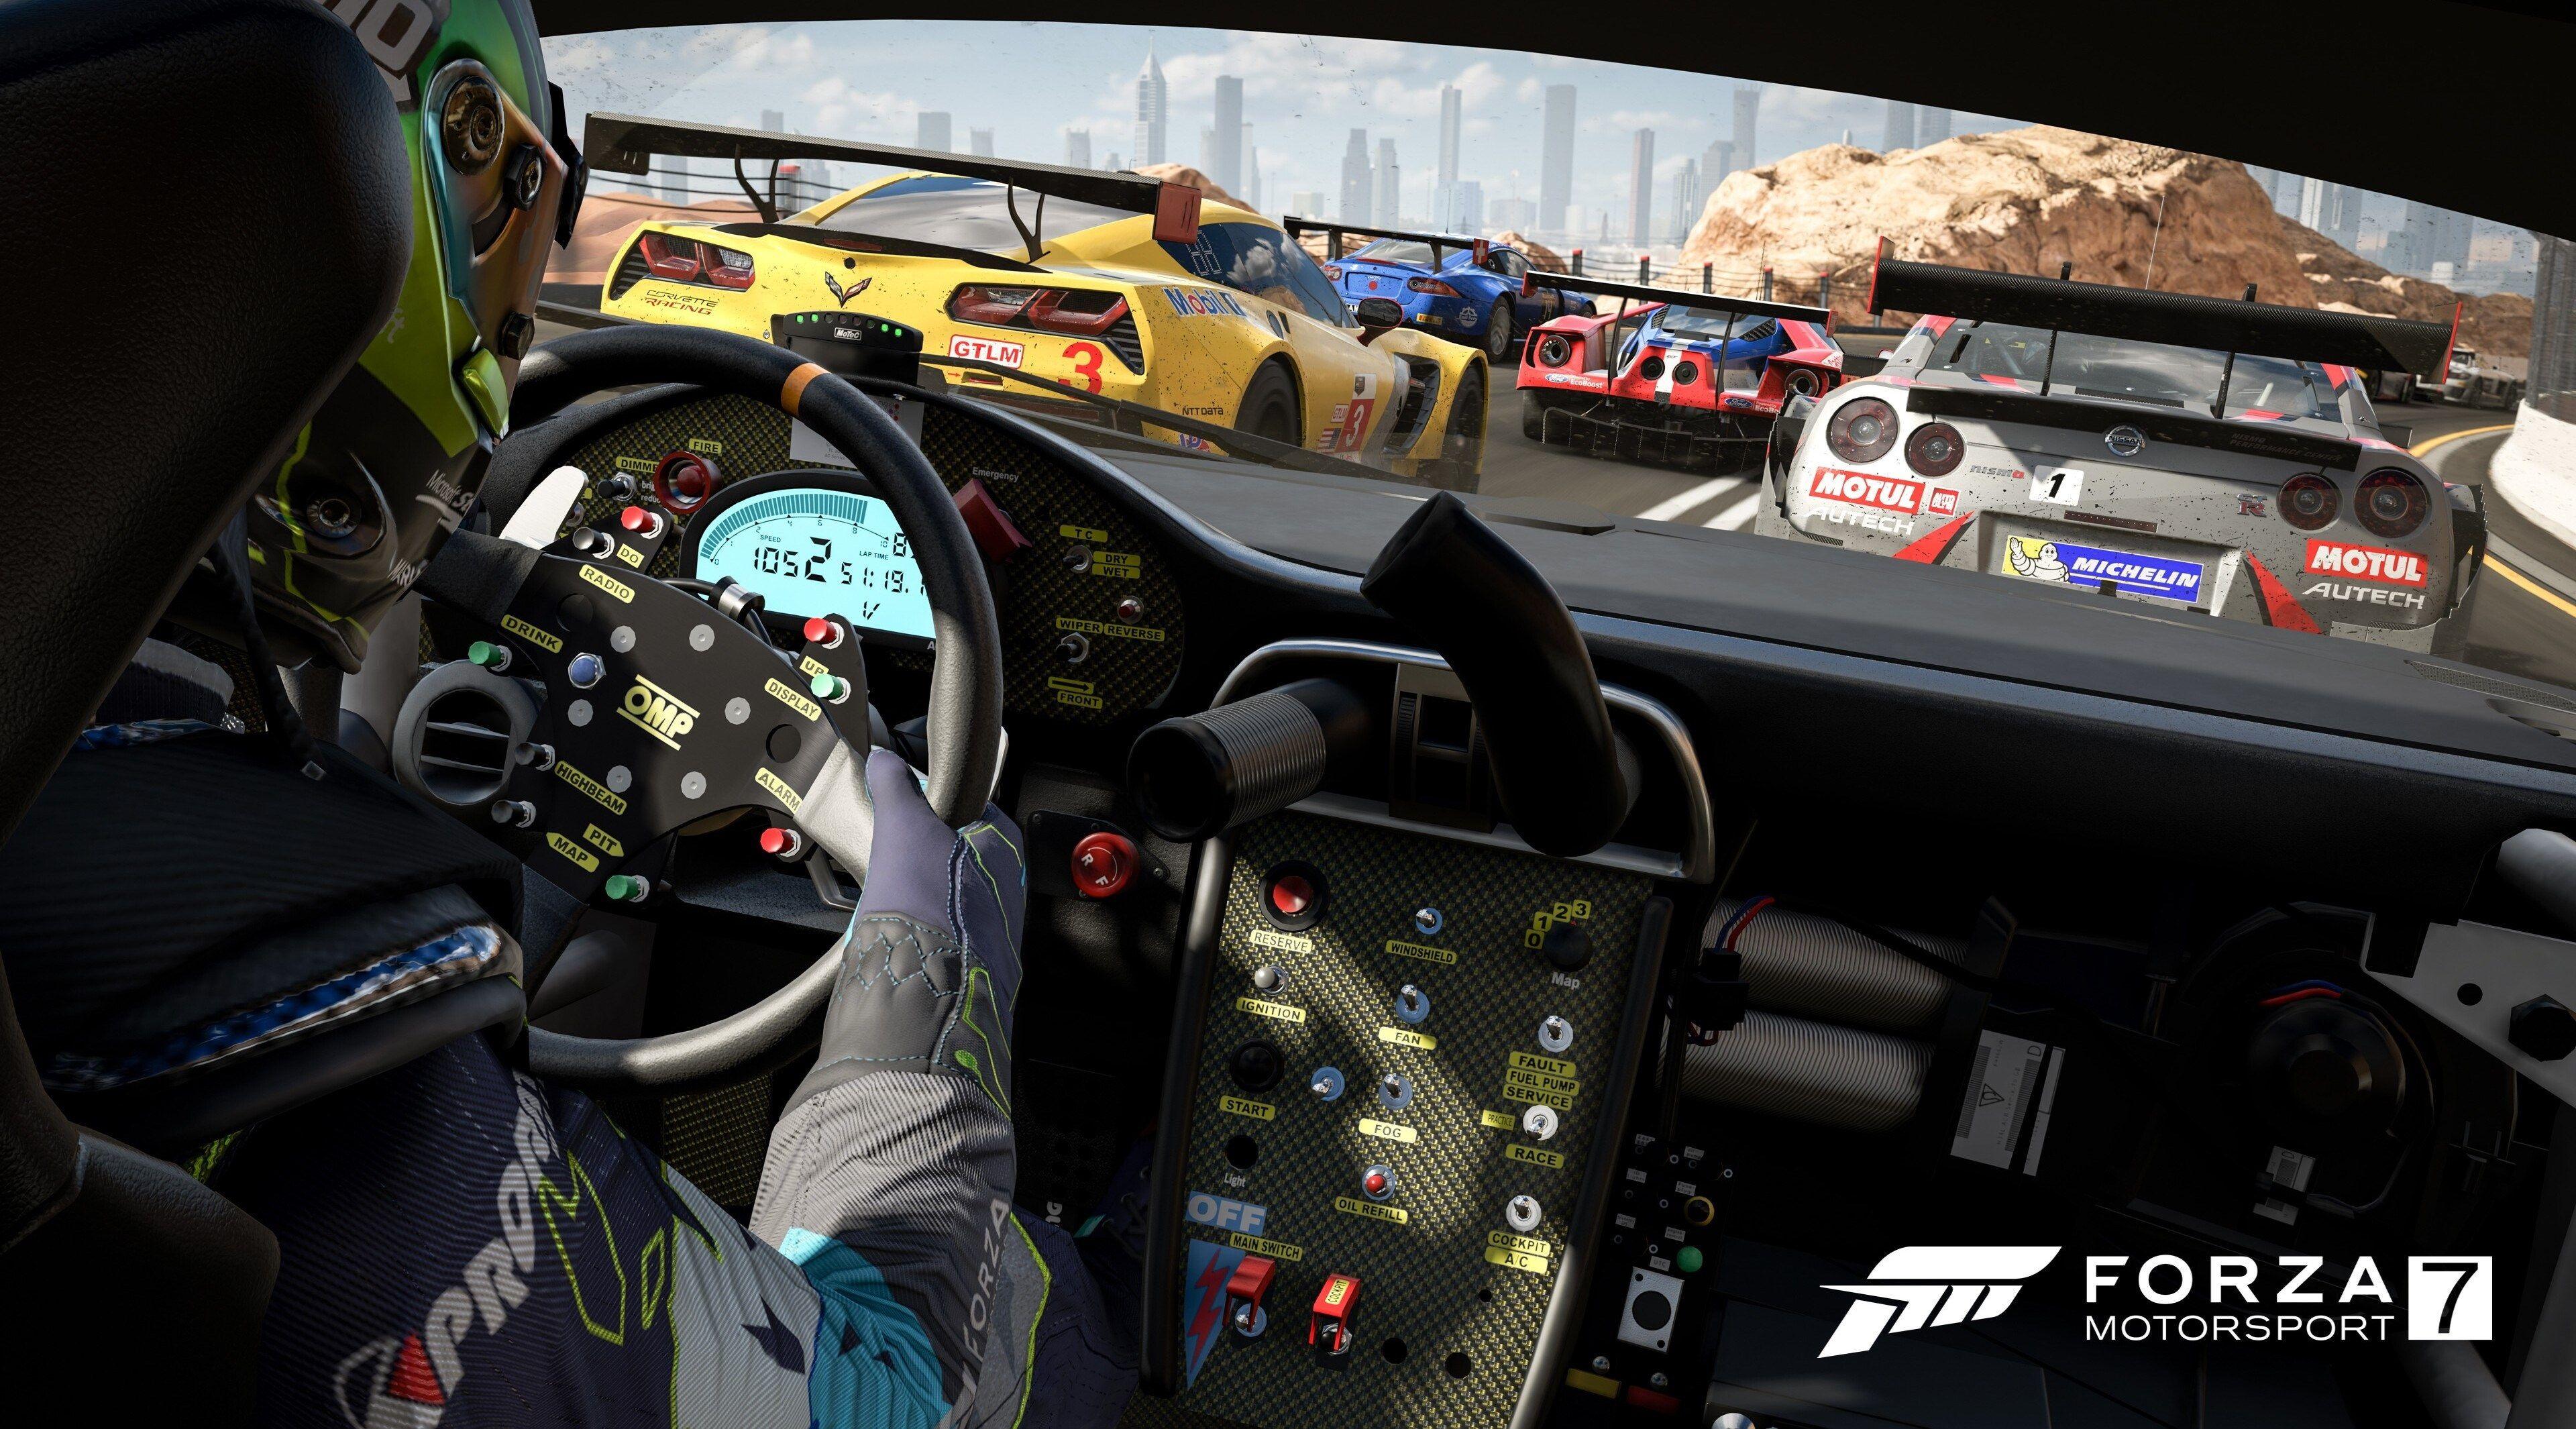 3840x2130 forza motorsport 7 4k images for backgrounds desktop 3840x2130